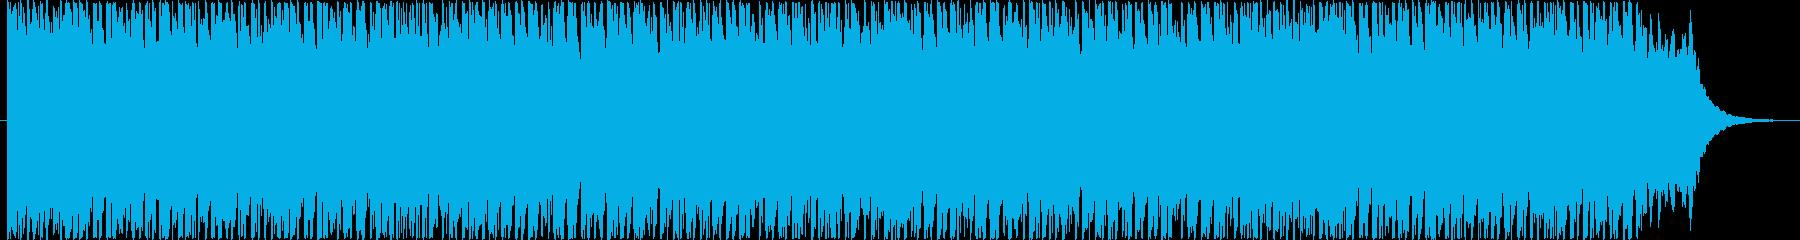 疾走感溢れるテクノ風BGMの再生済みの波形